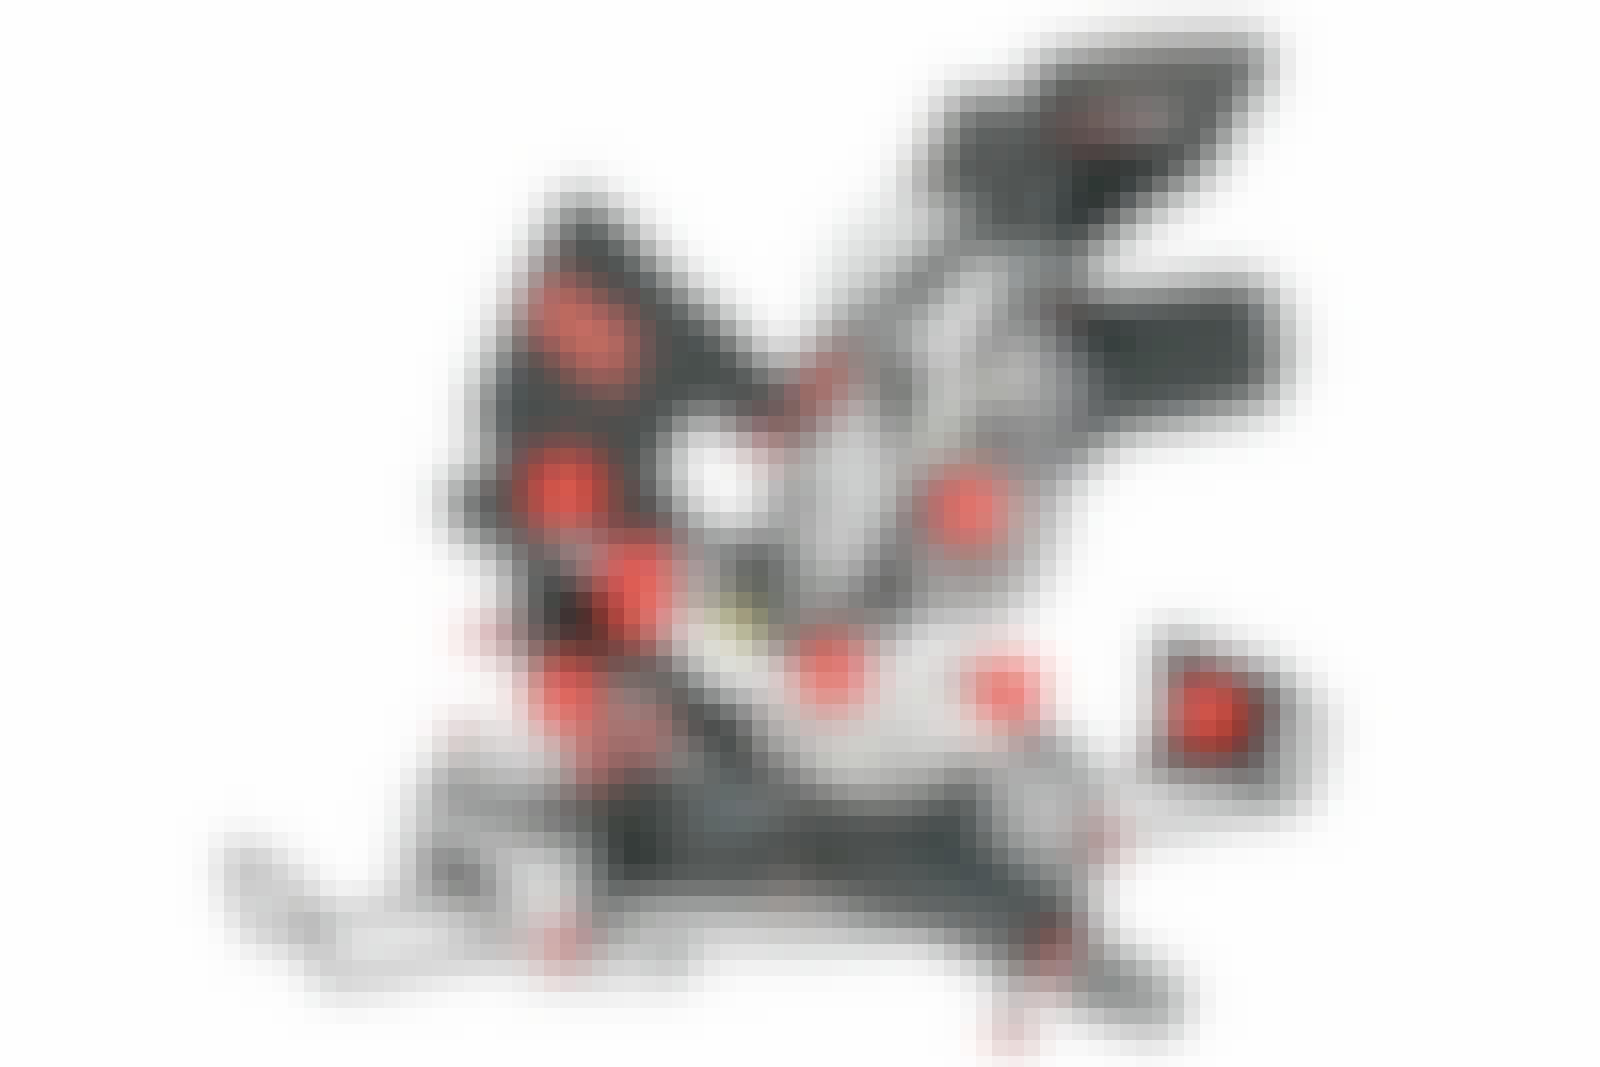 Kapp og gjærsag: Kort om kapp og gjærsagen